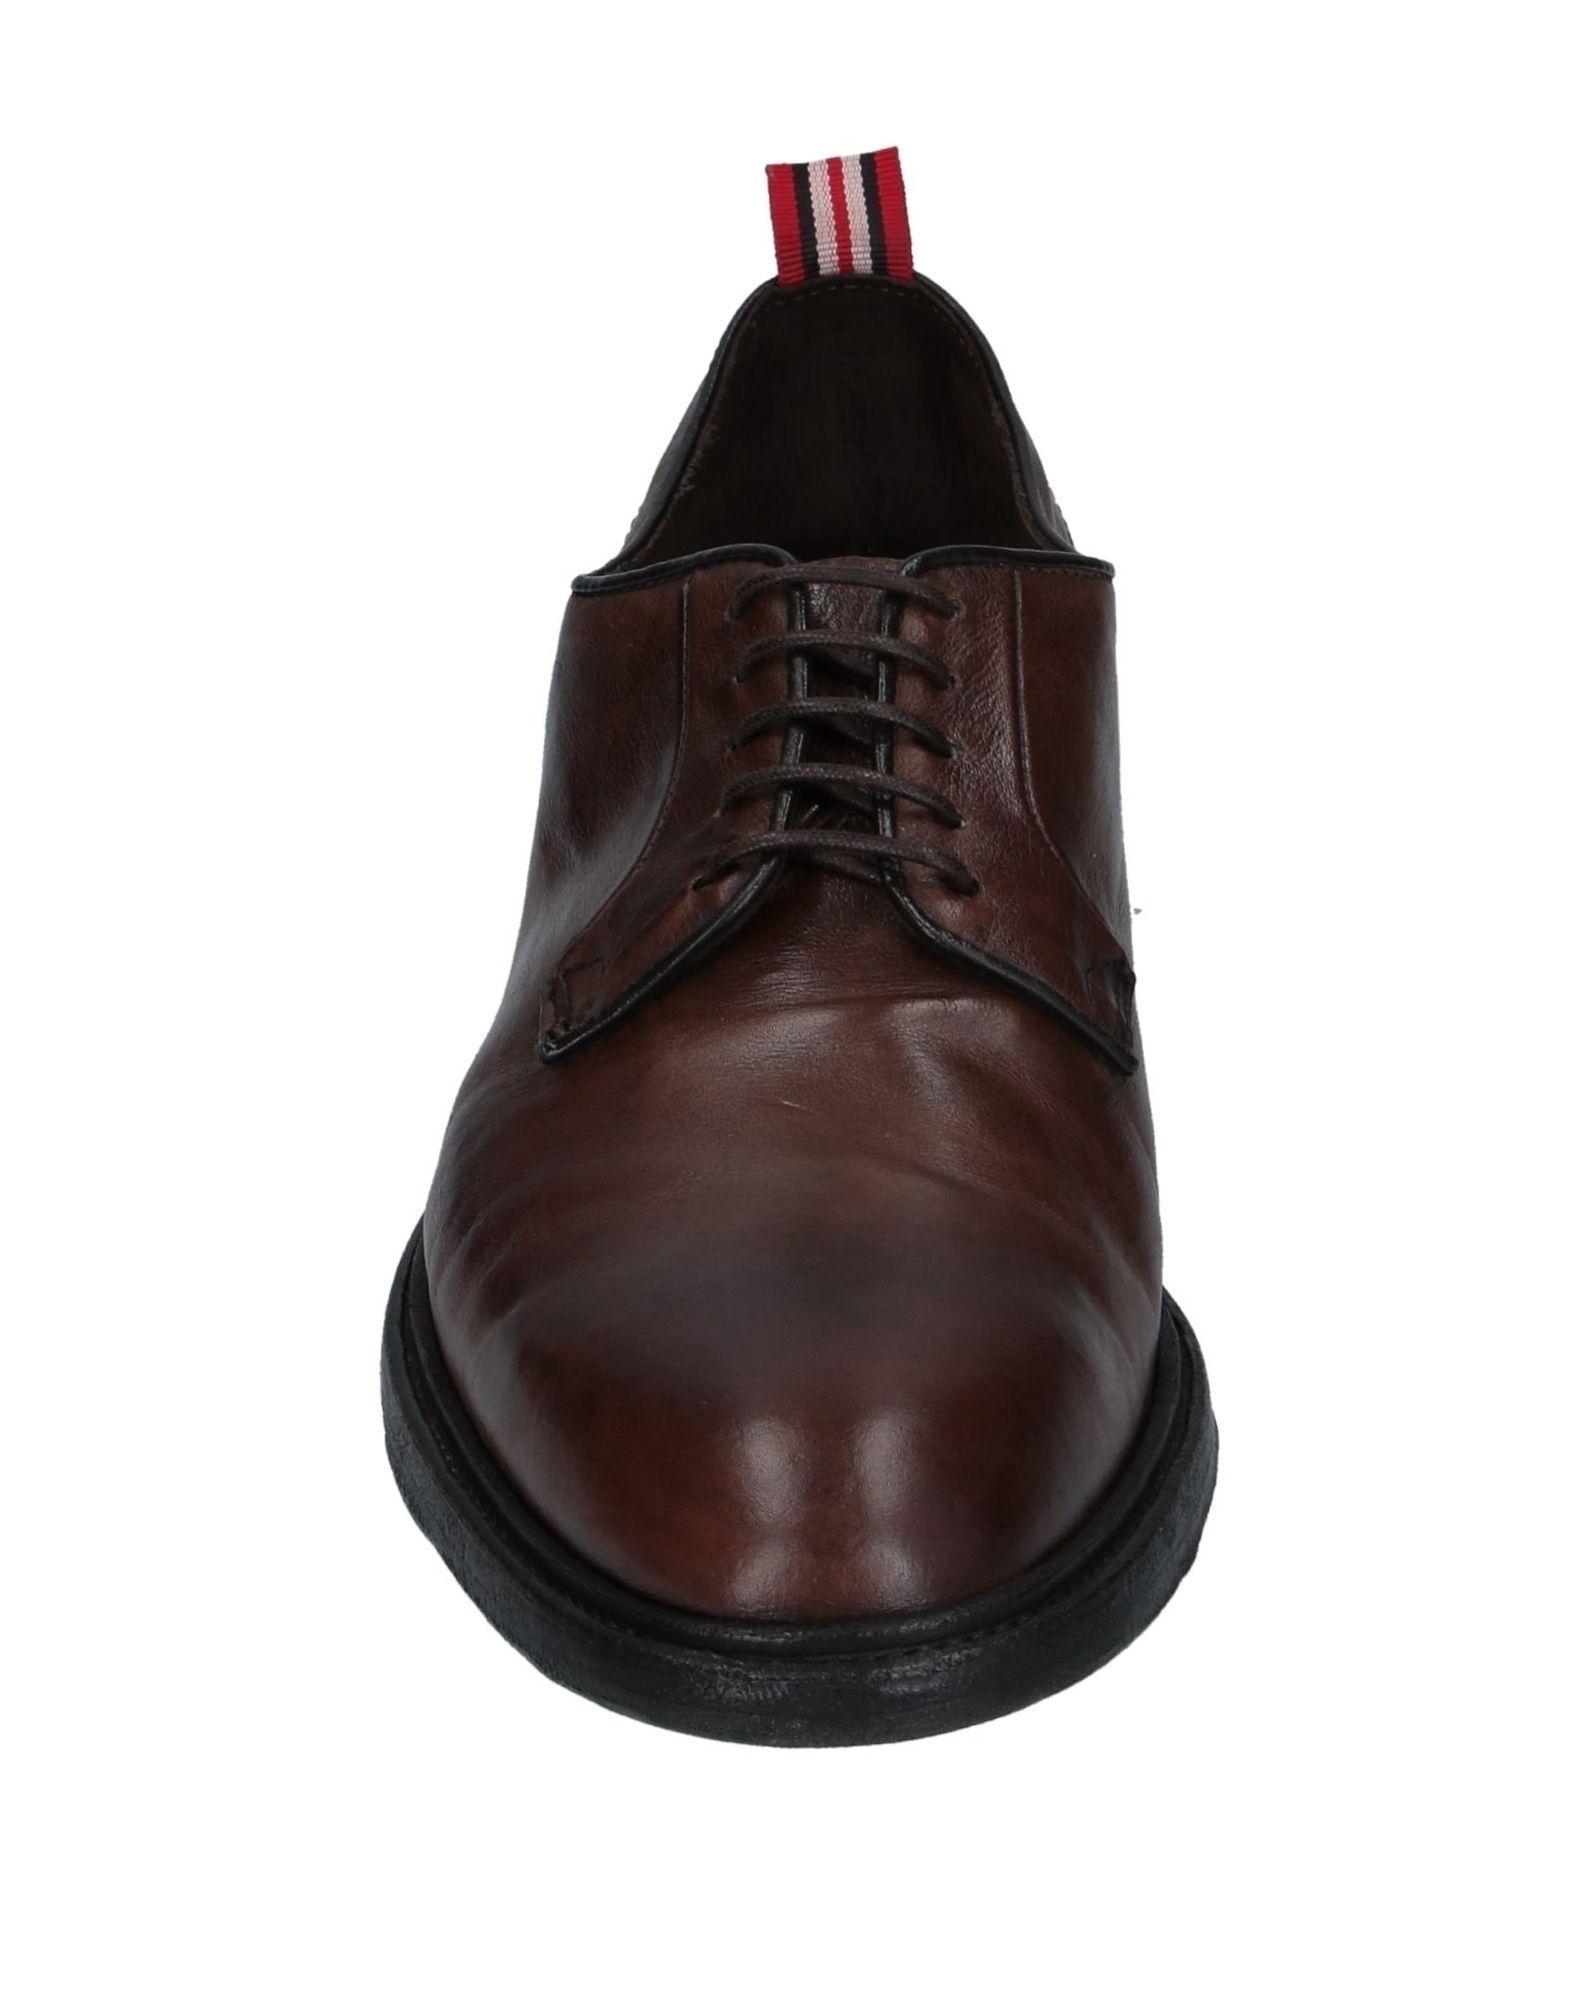 Zapatos de cordones Green George de Cuero de color Marrón para hombre